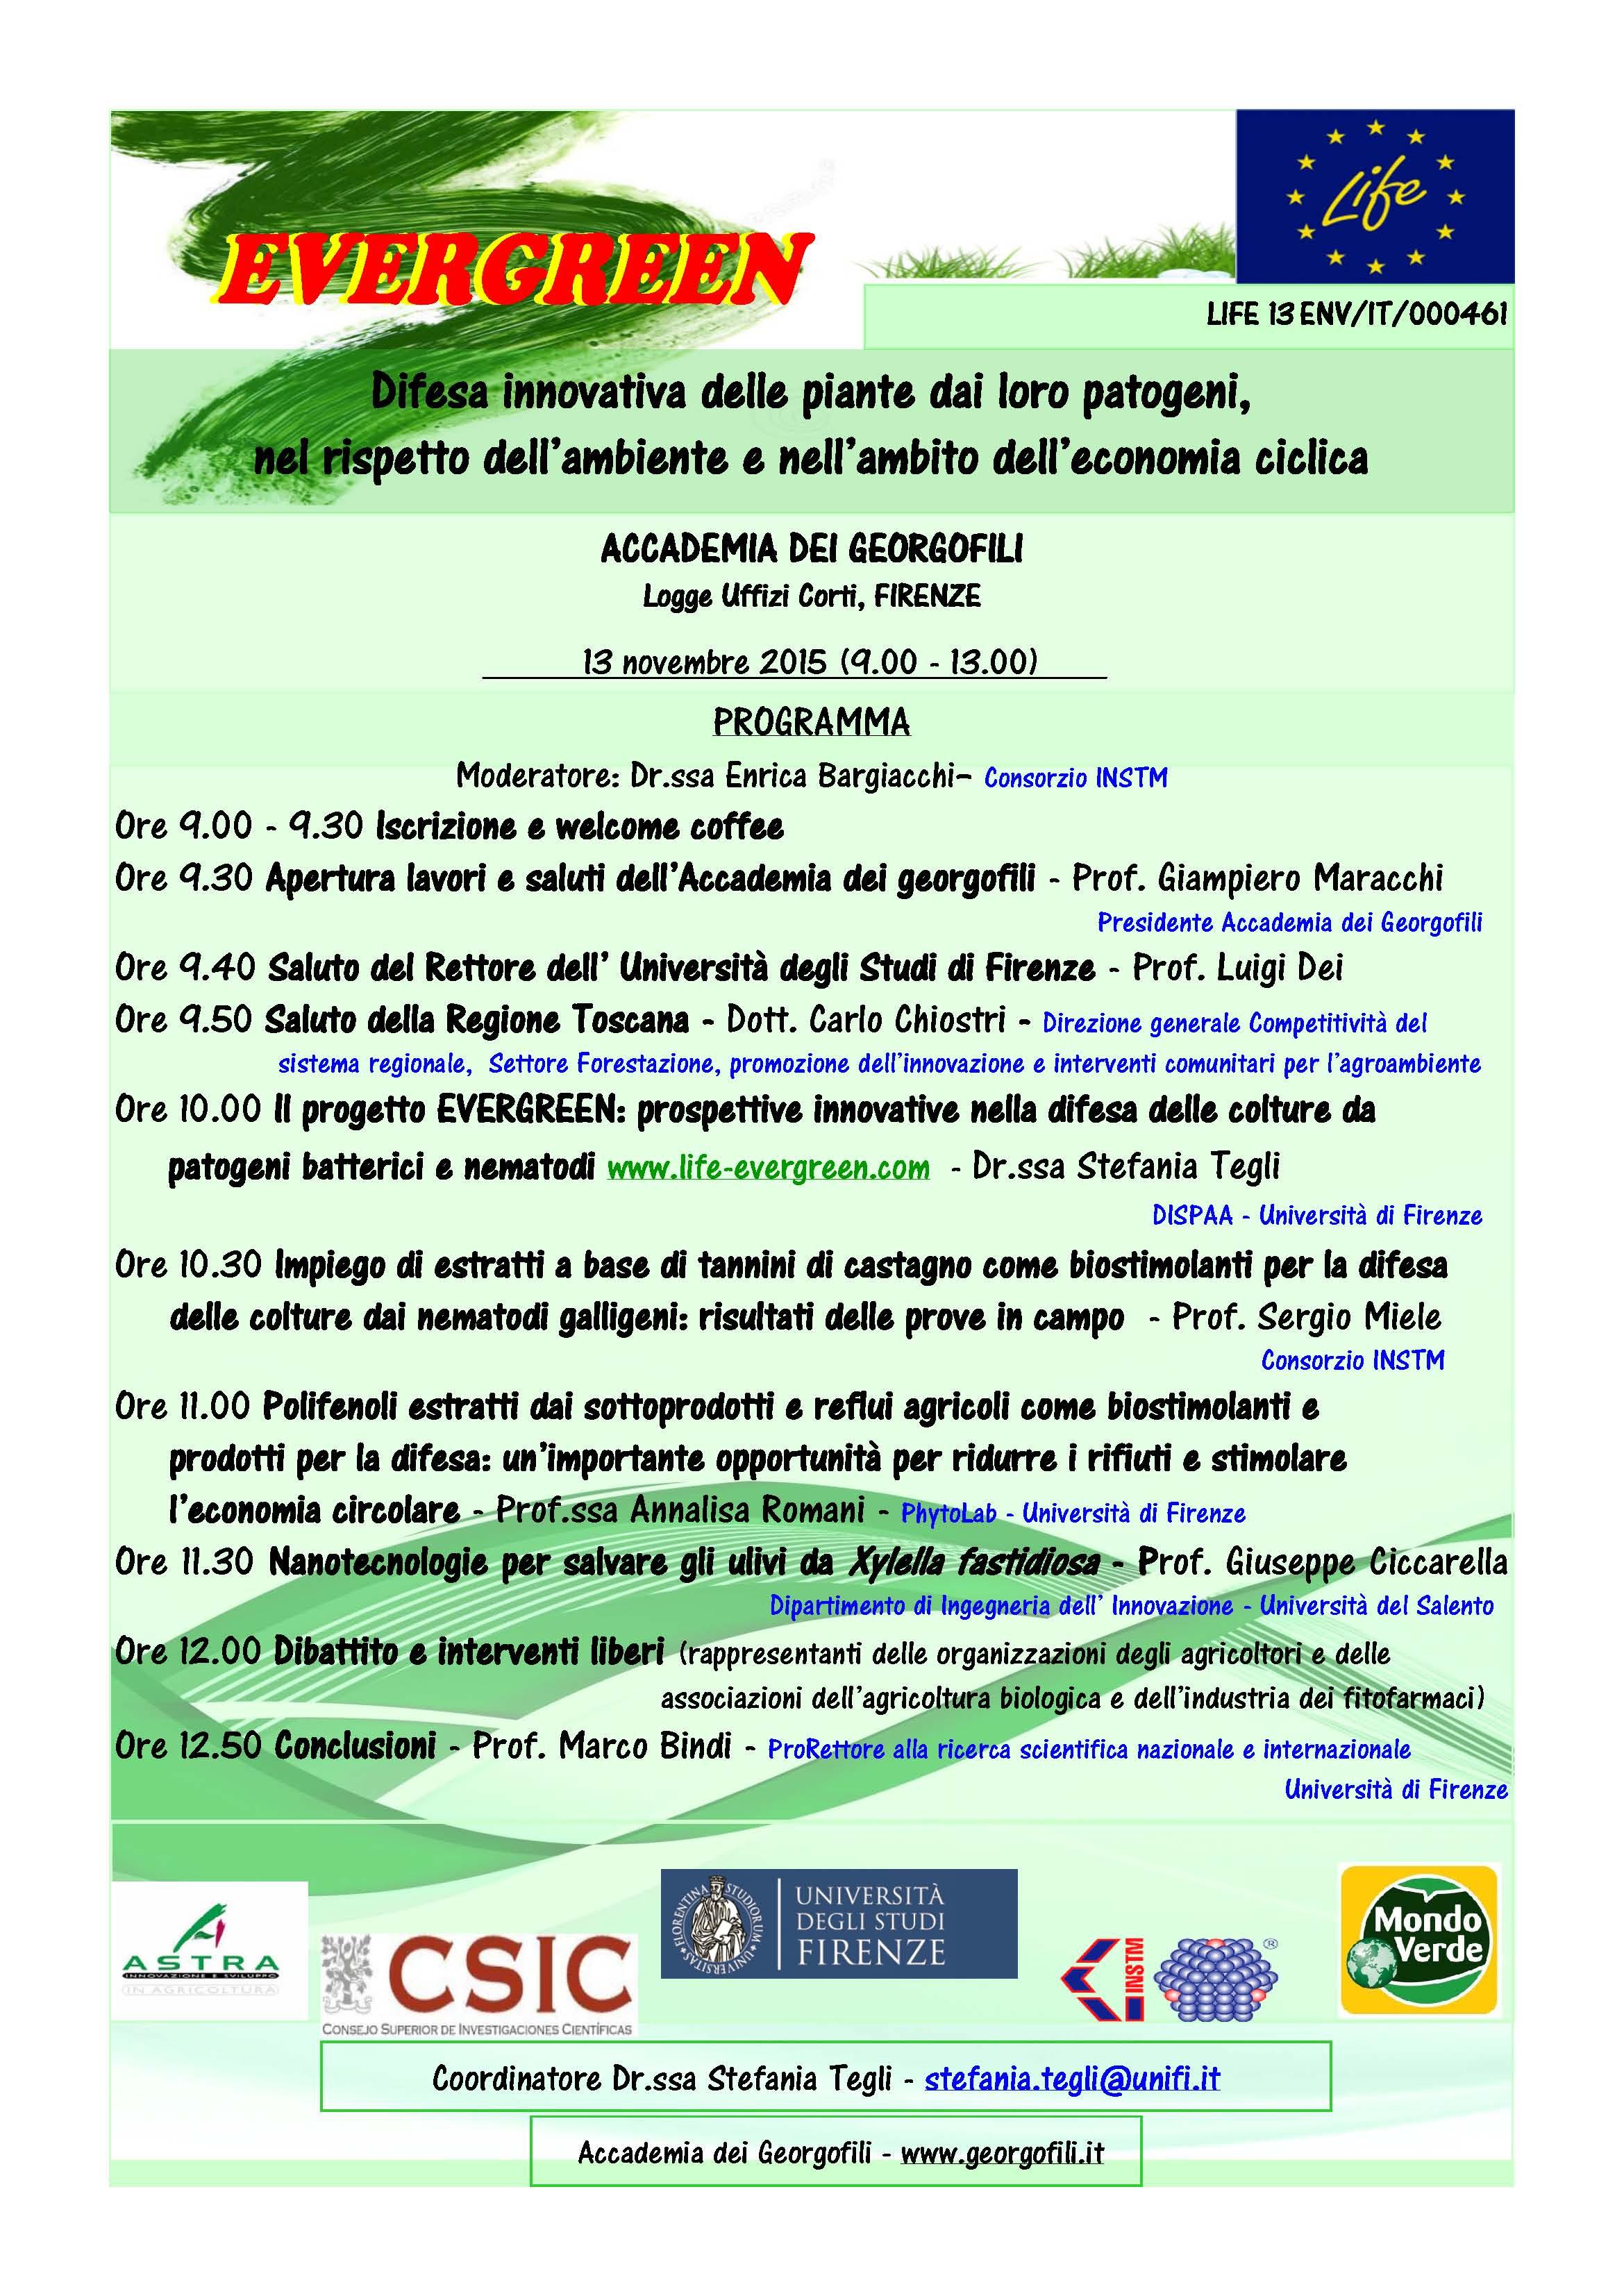 Invito Evergreen - Georgofili def